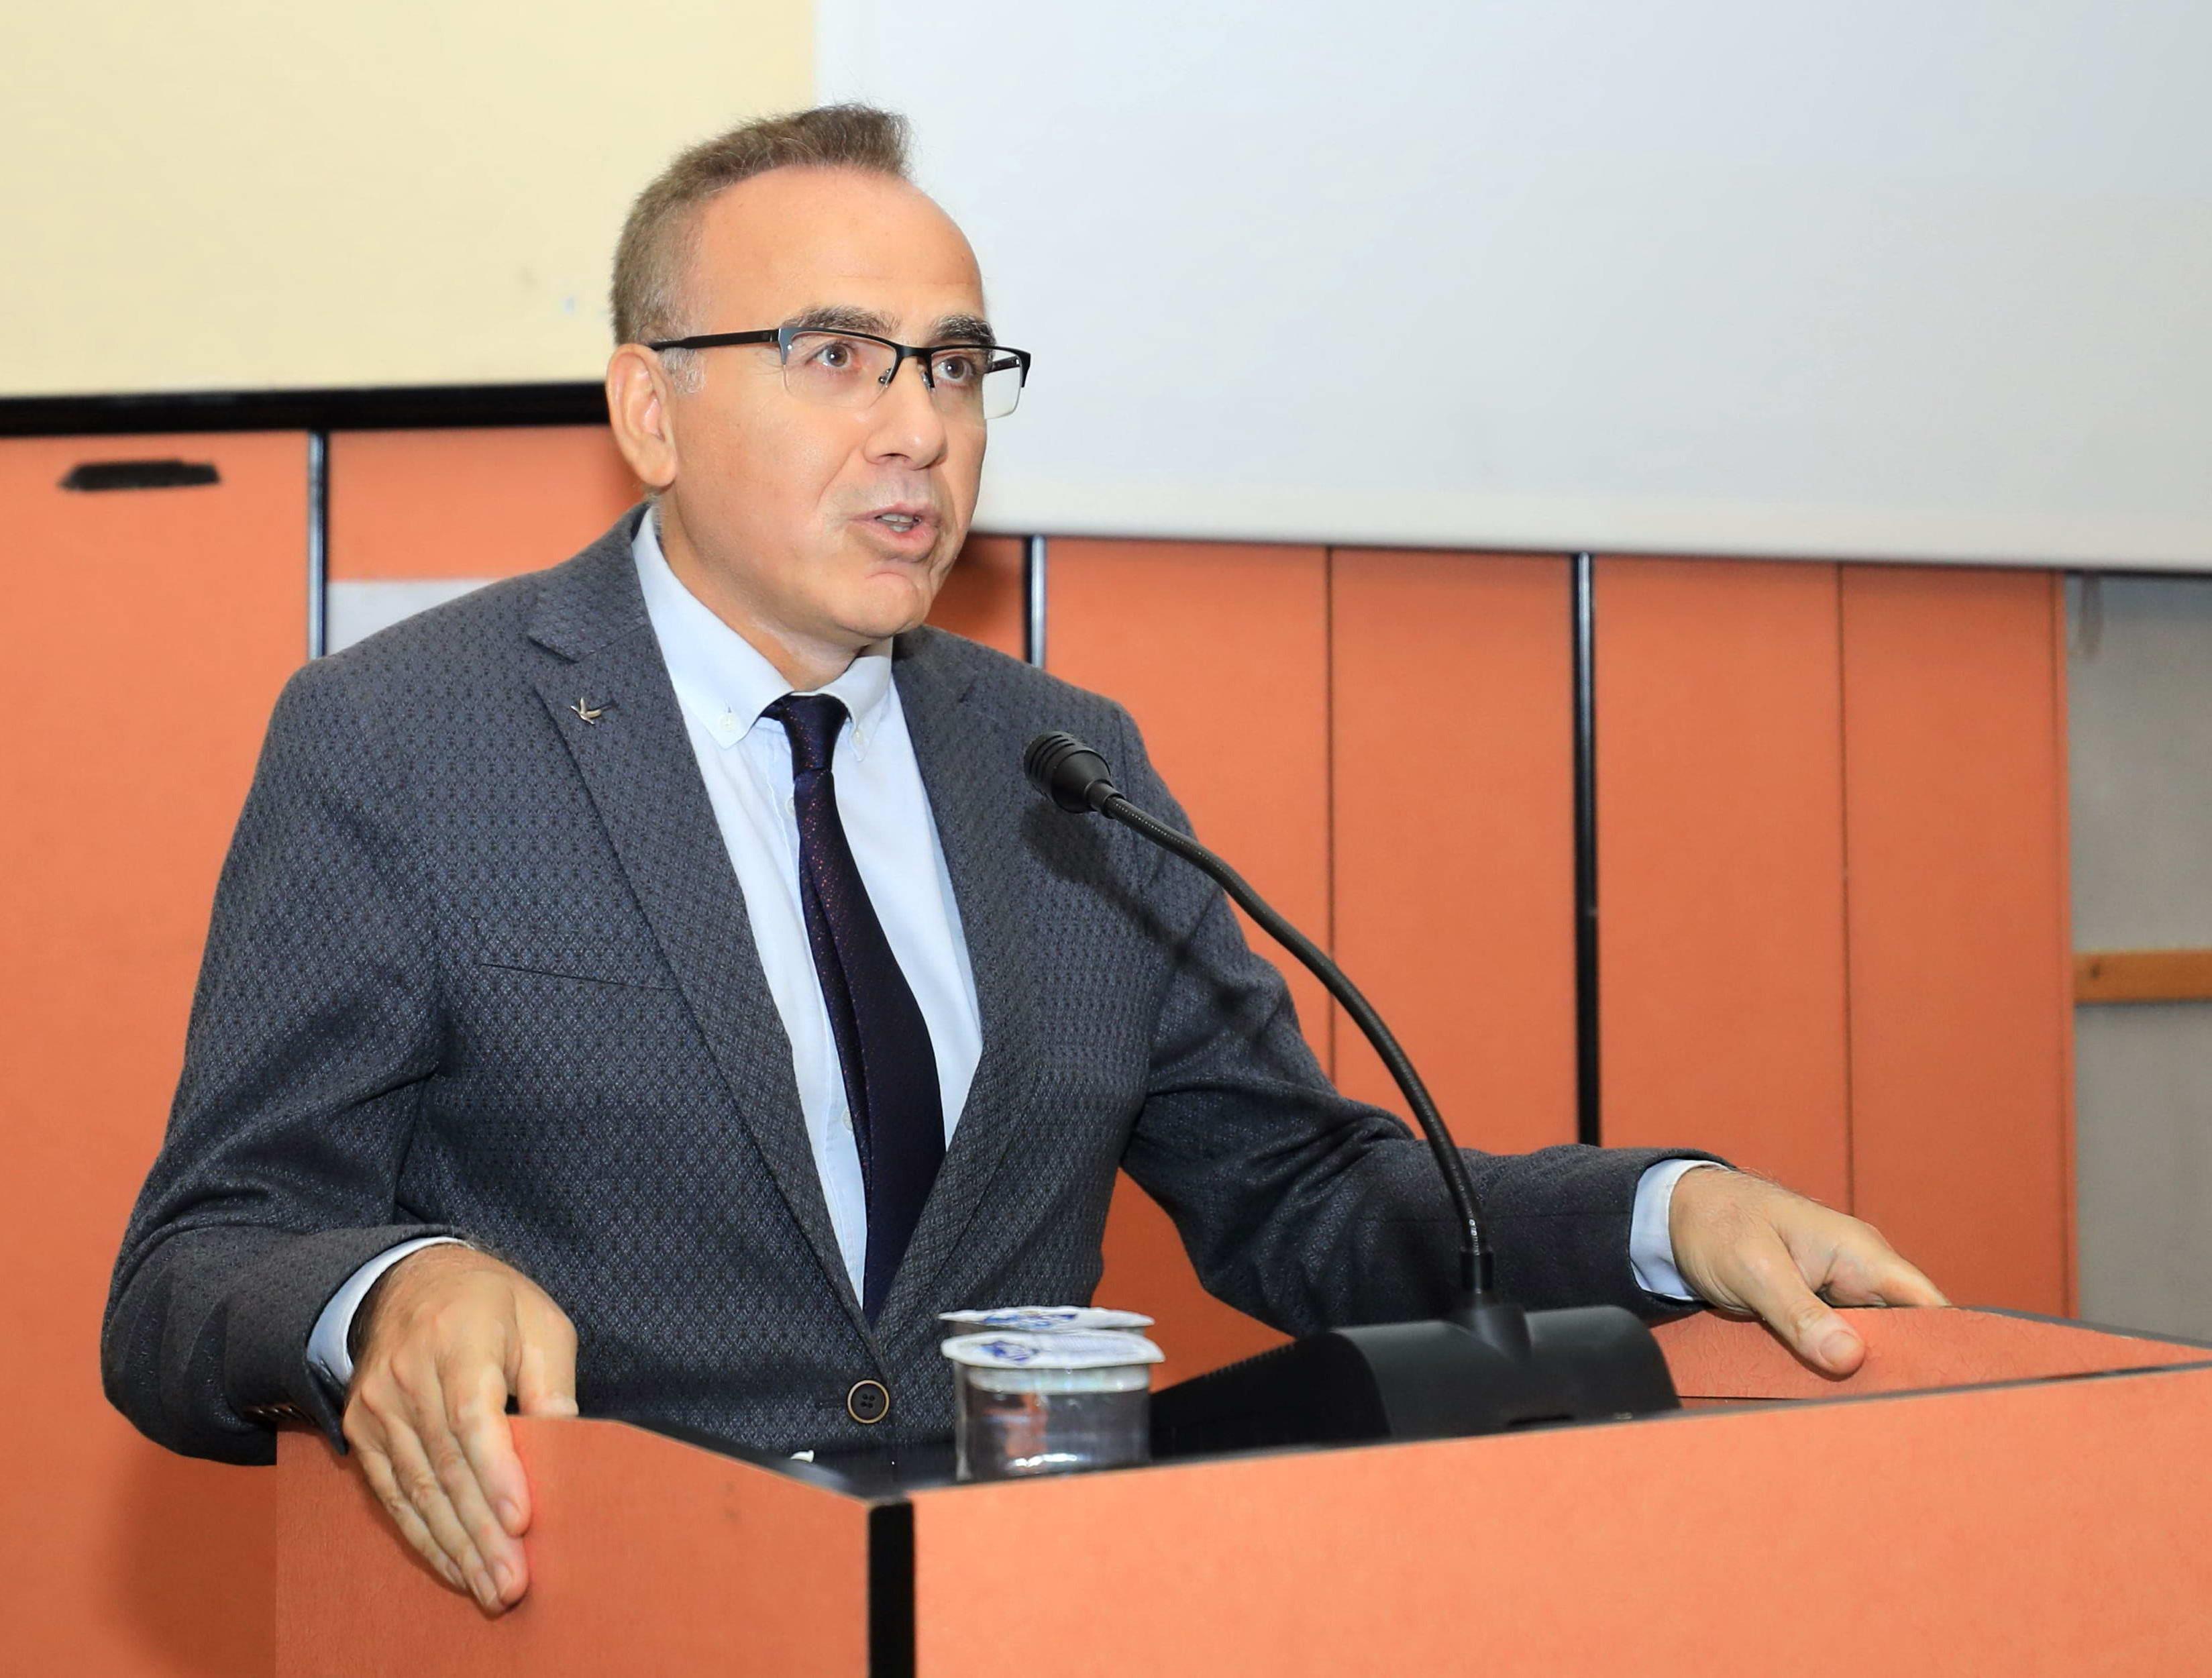 420 İNTÖRN SAHAYA ÇIKIYOR -  (Prof. Dr. Mustafa Günal)